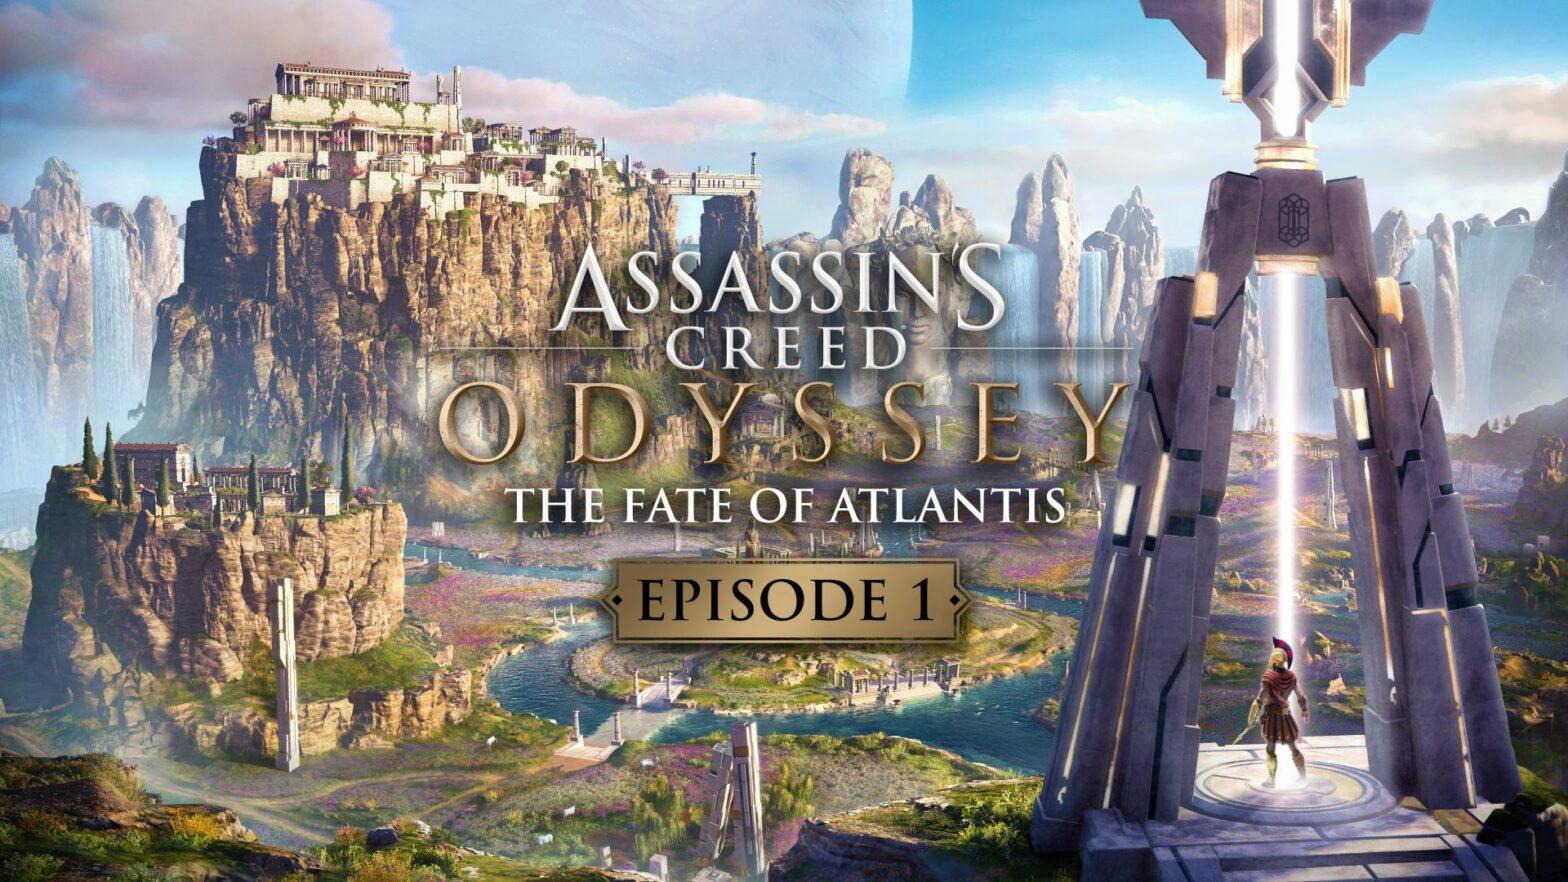 Assassin's Creed Odyssey: Das Schicksal von Atlantis, Episode 1 veröffentlicht